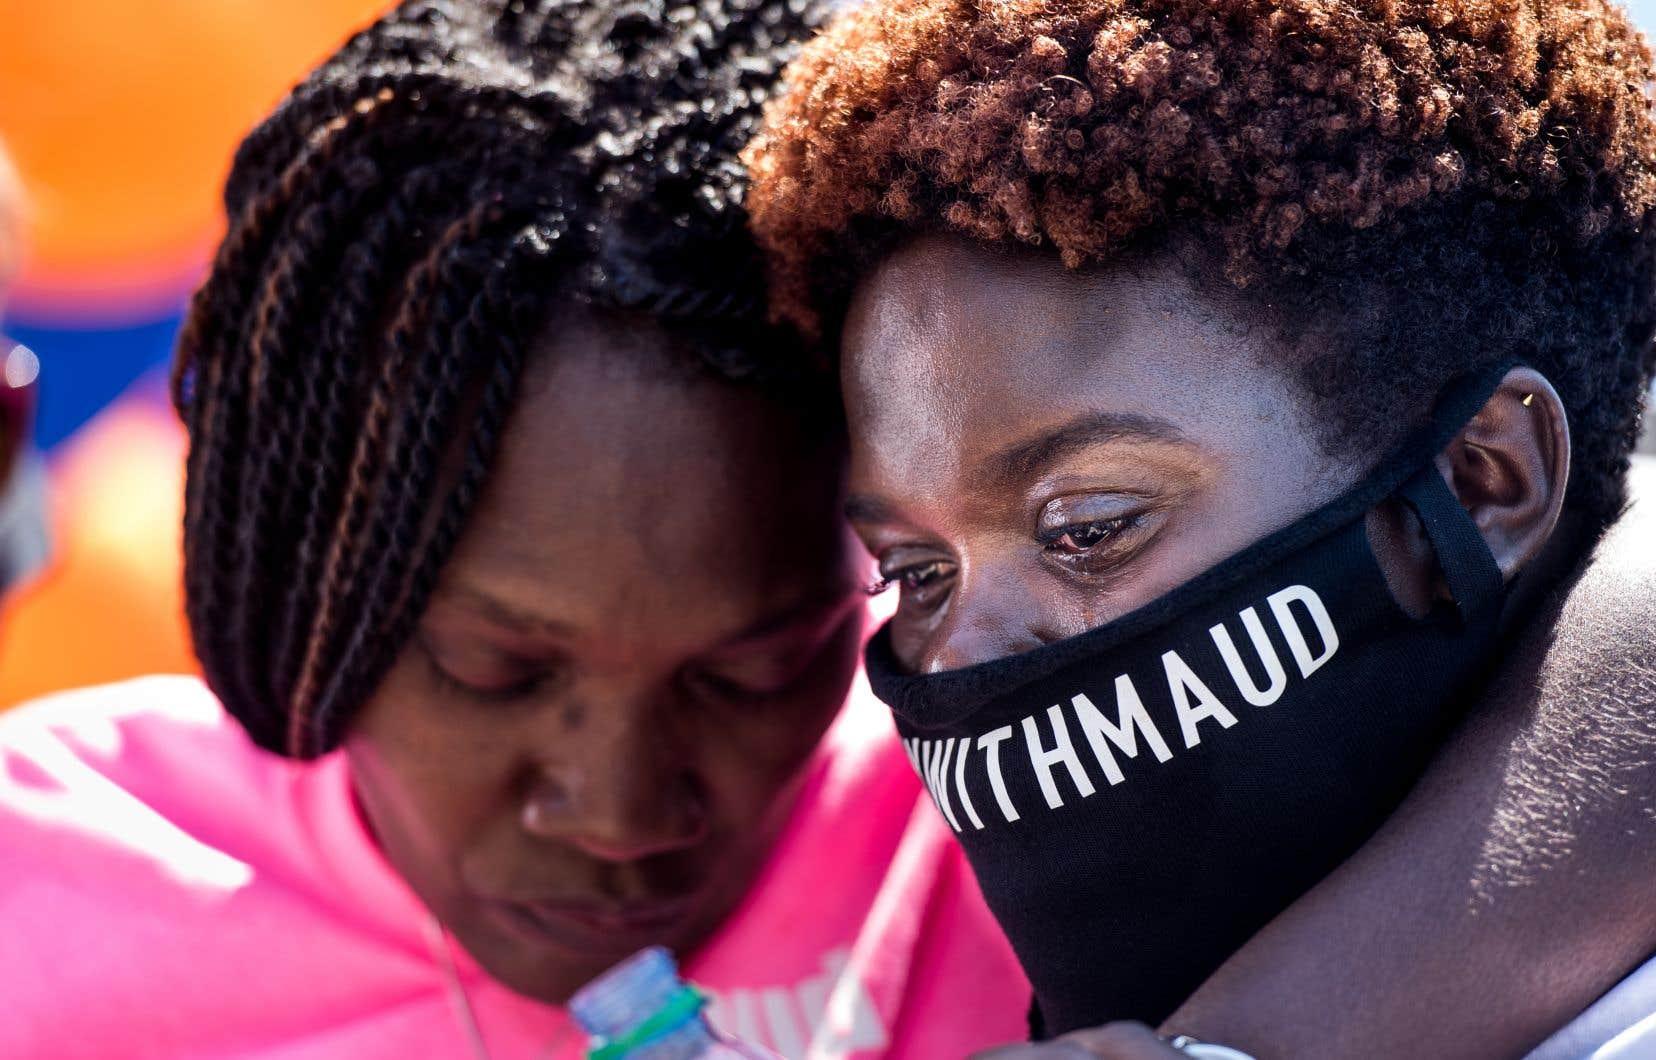 Le meurtre a ravivé les tensions raciales en Géorgie, un État au long passé ségrégationniste.